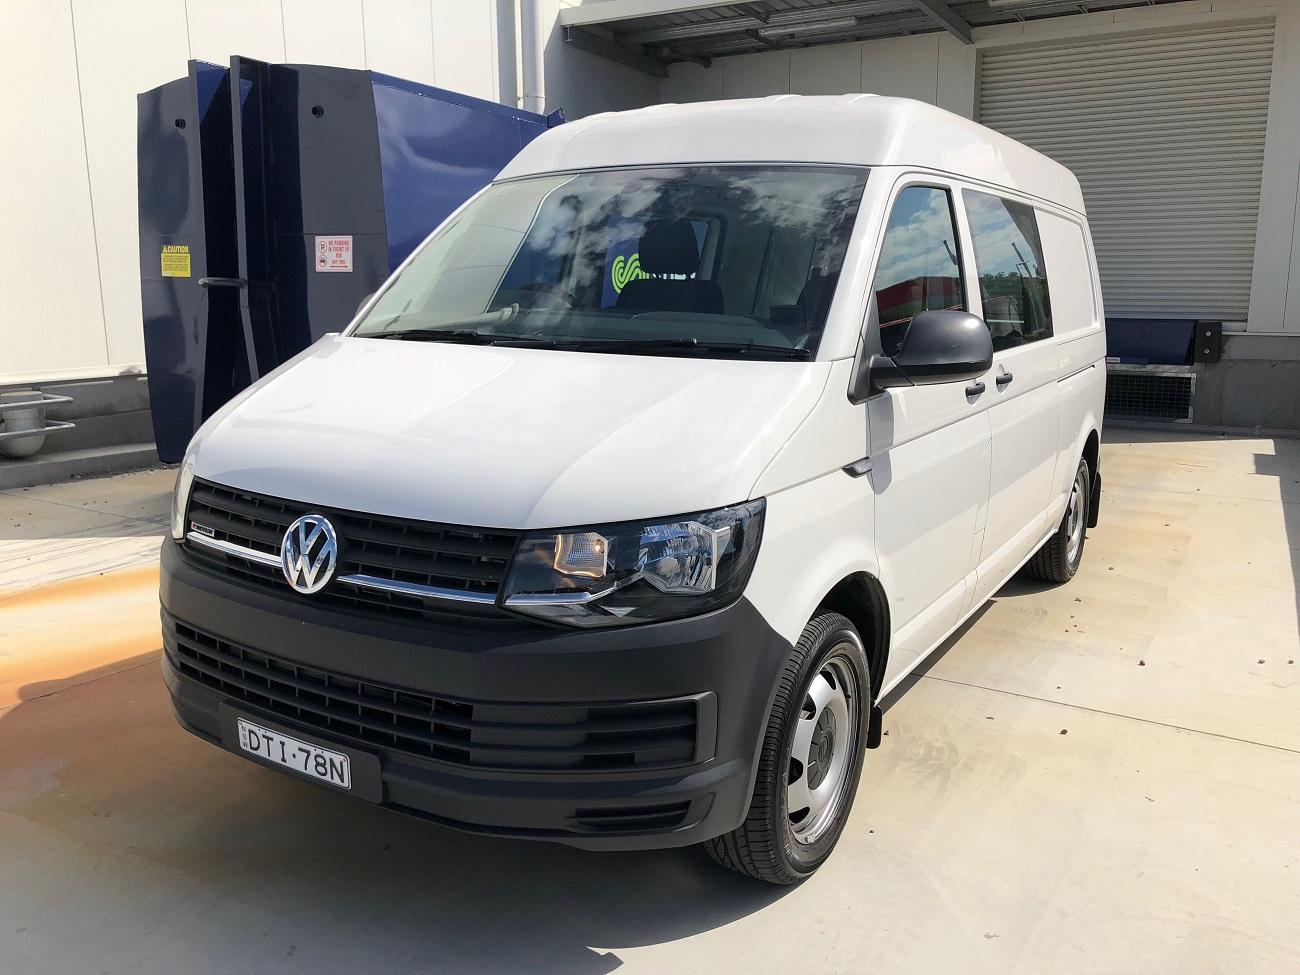 2018 Volkswagen Transporter Review